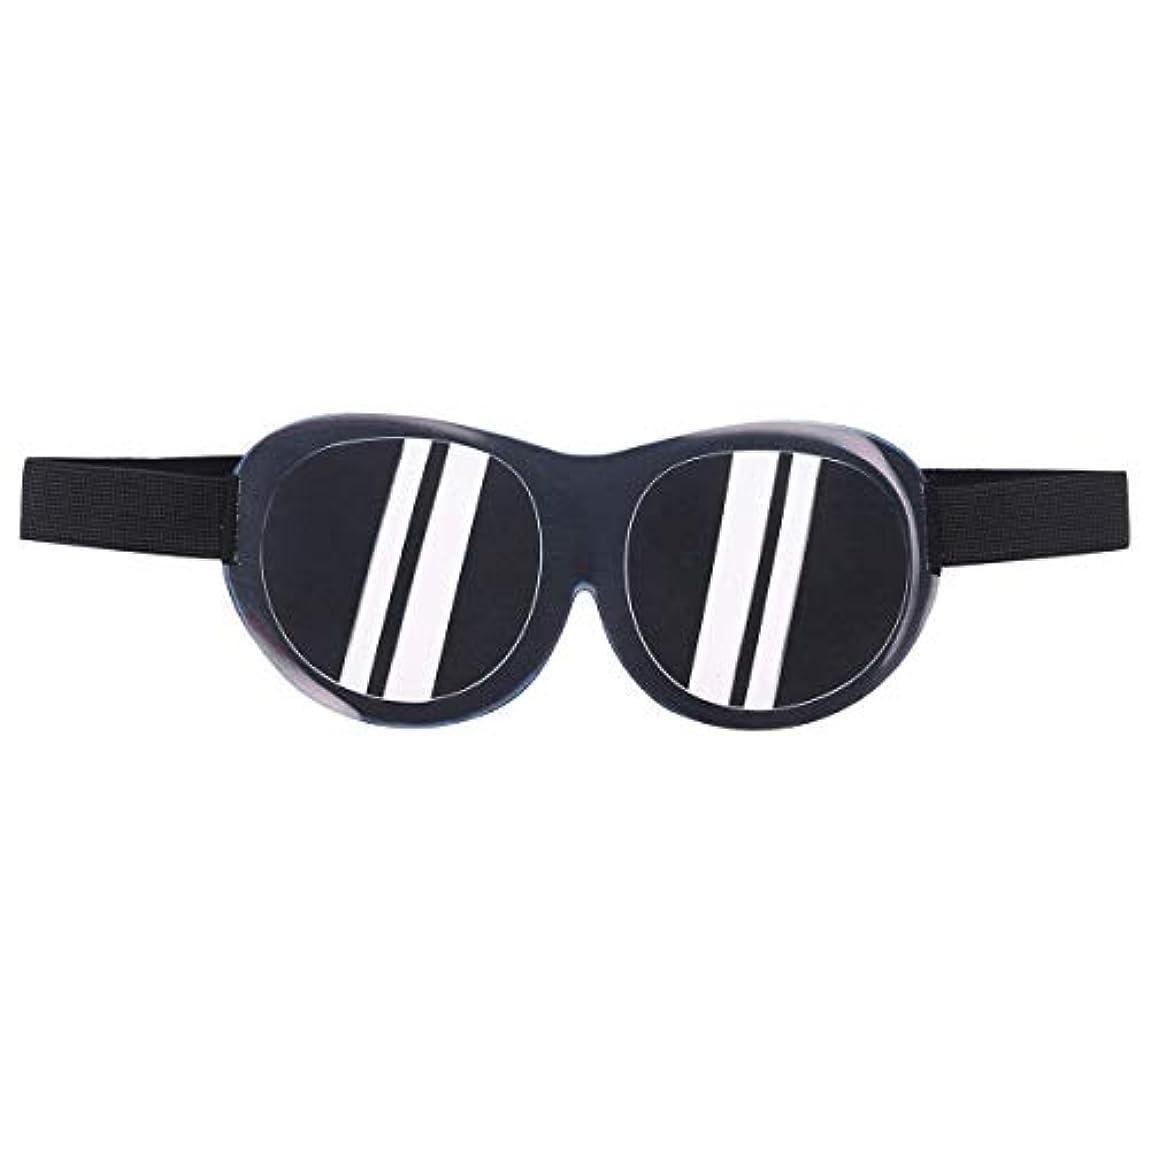 つま先アラブくぼみHealifty 3D面白いアイシェード睡眠マスク旅行アイマスク目隠し睡眠ヘルパーアイシェード男性女性旅行昼寝と深い睡眠(サングラスを装ったふりをする)